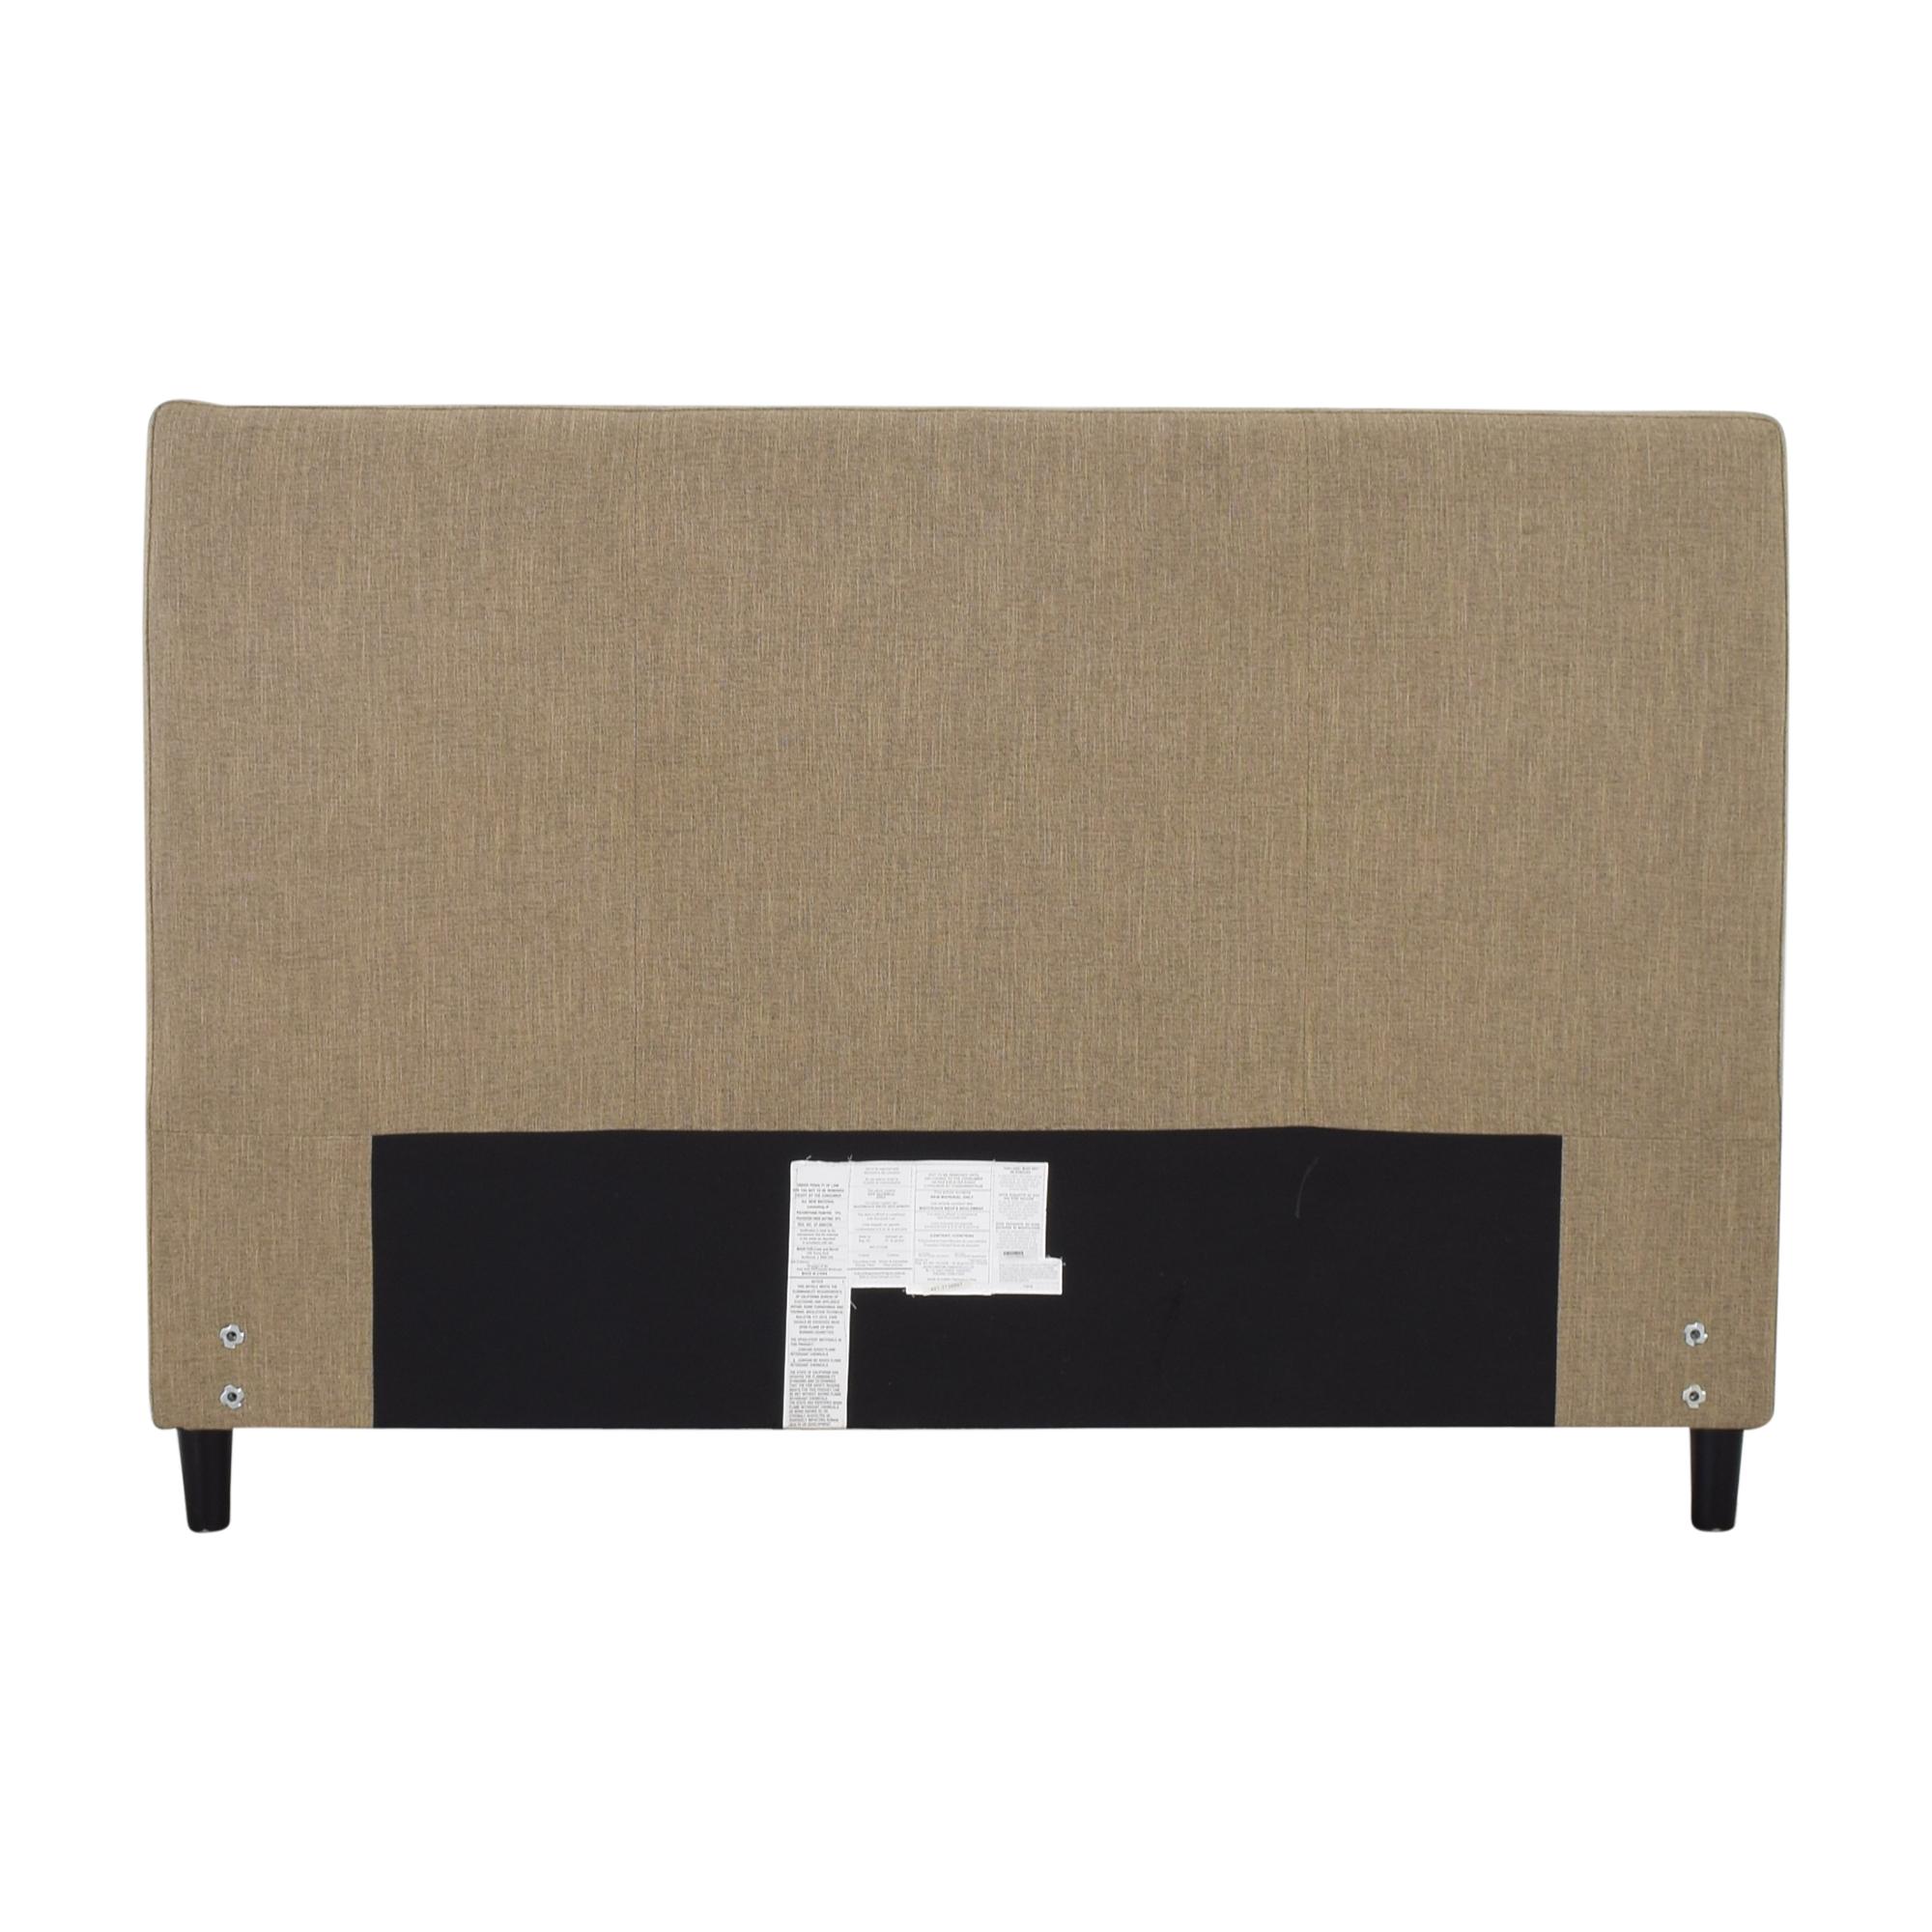 Crate & Barrel Crate & Barrel Lowe Upholstered Queen Headboard coupon